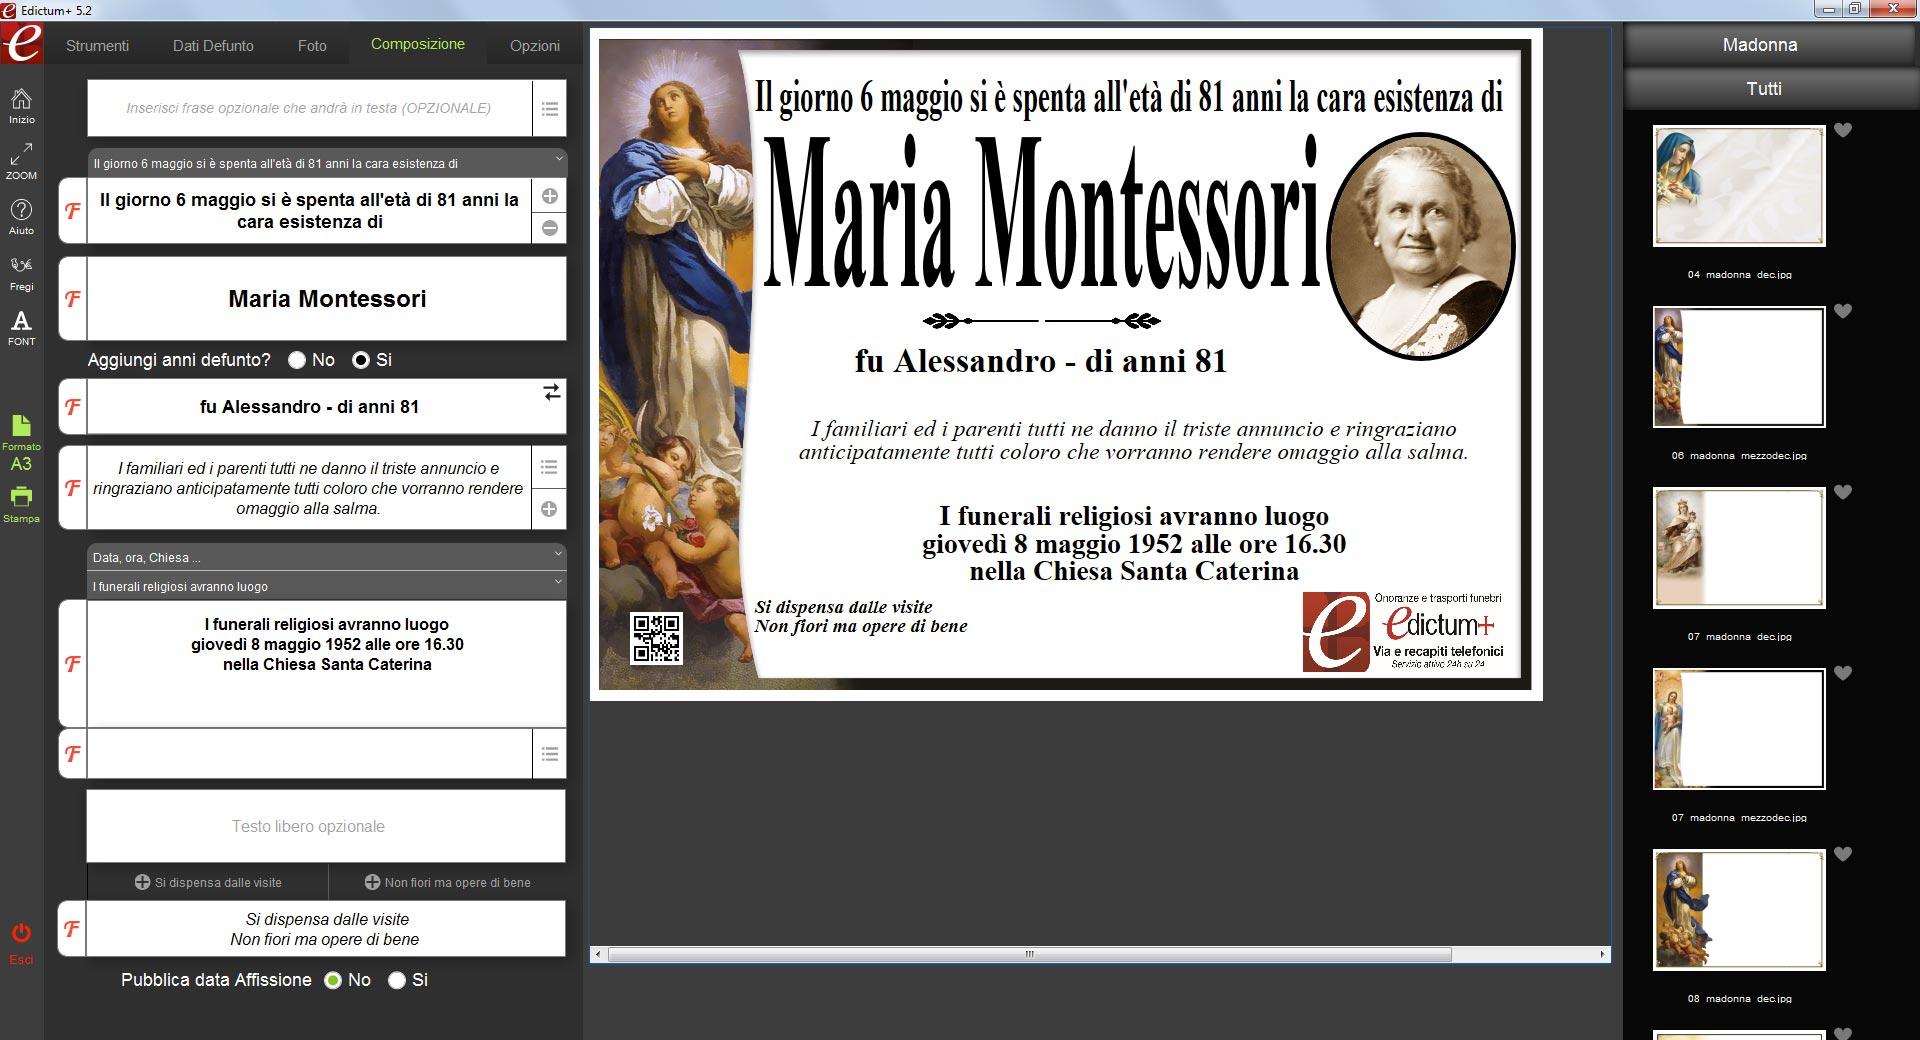 Madonna immacolata screeshoot demo Edictum+ Software per la composizione e la stampa manifesti funebri dei ricordini pagelline ringraziamenti lutto agenzie onoranze funebri Maria Montessori